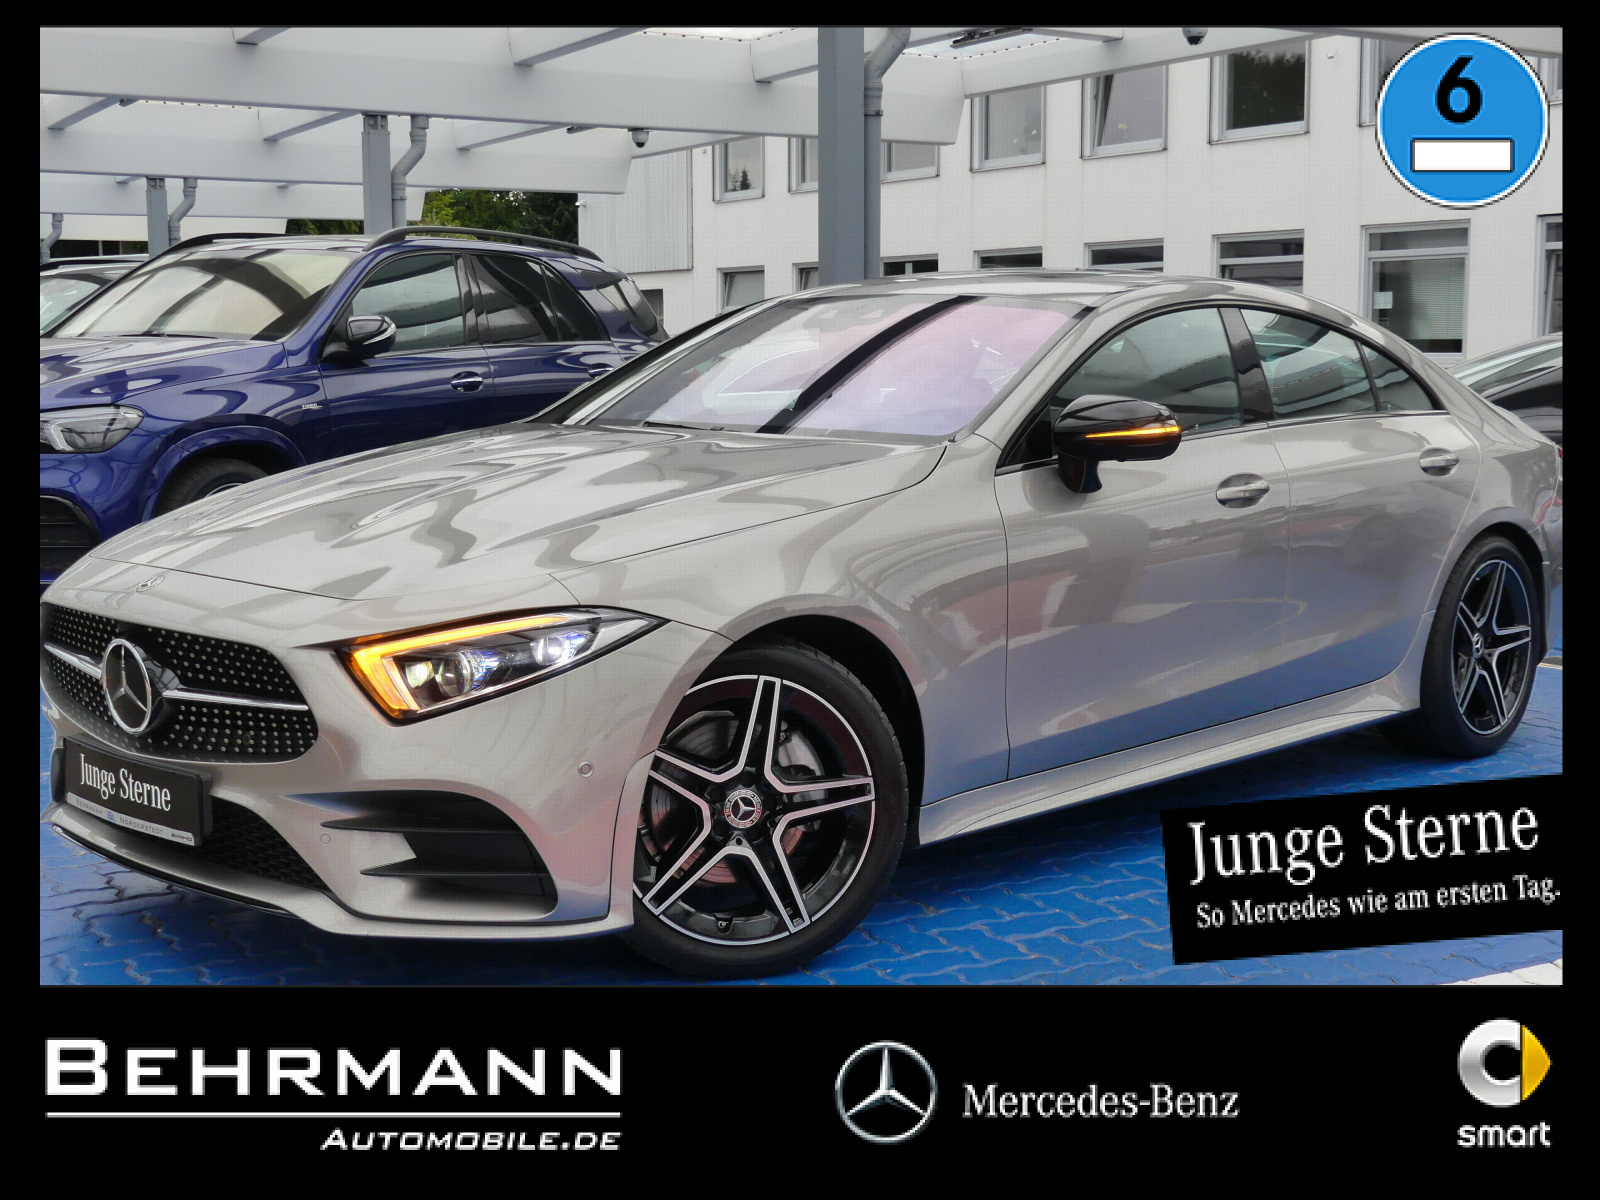 Mercedes-Benz CLS 220d AMG +Distronic+360°Kam+MBUX+AssistPaket, Jahr 2020, Diesel